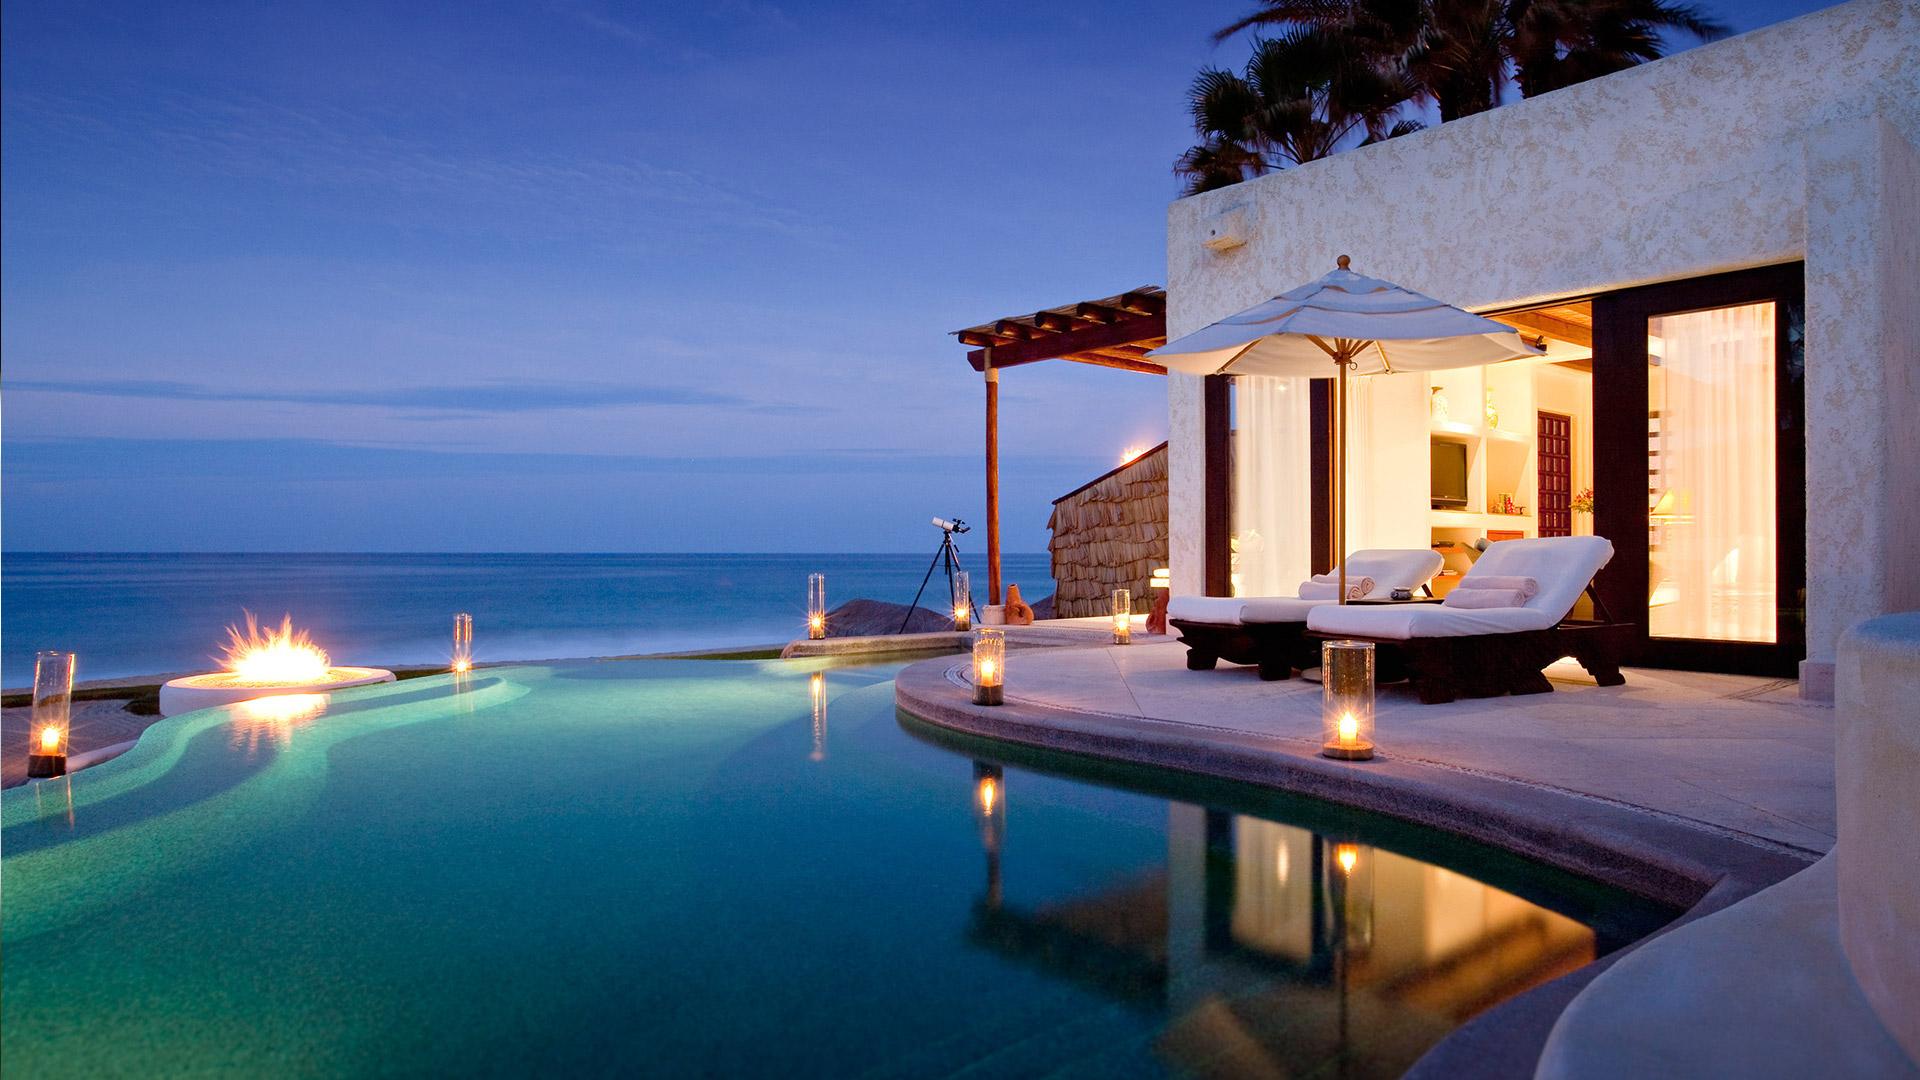 passez un s jour inoubliable aux cara bes dans une location de villa de luxe tropiques location. Black Bedroom Furniture Sets. Home Design Ideas